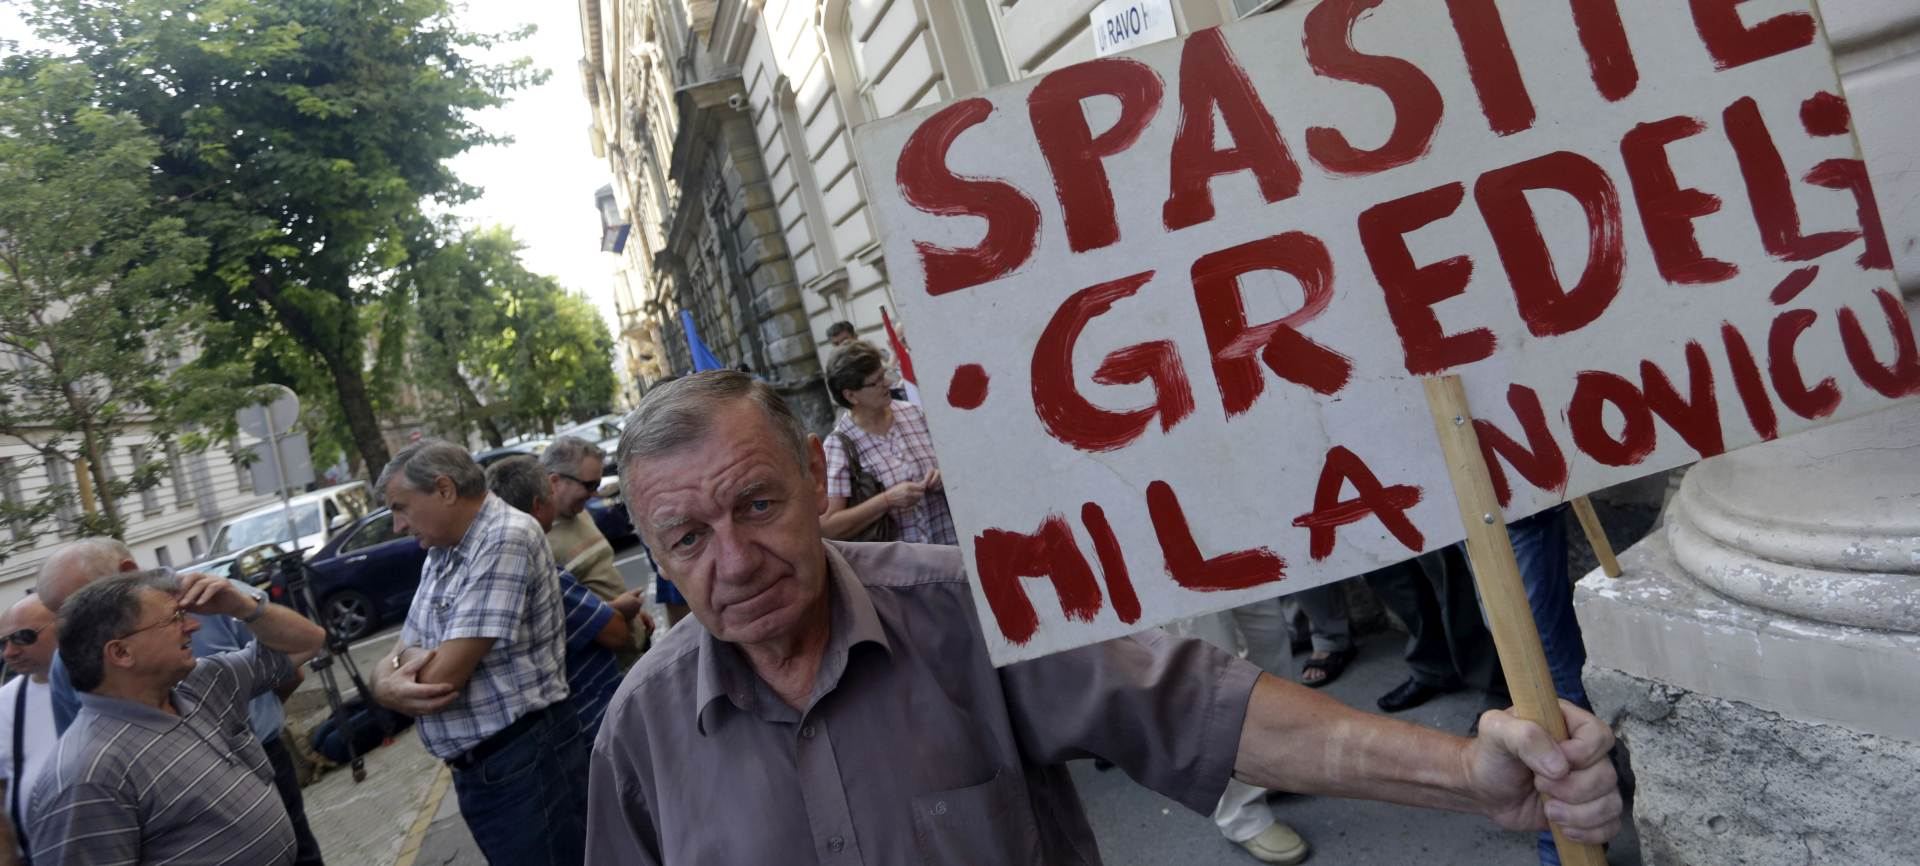 OČEKUJU OTPREMNINE: Bivši radnici Gredelja prosvjedovali pred DORH-om i Uskokom